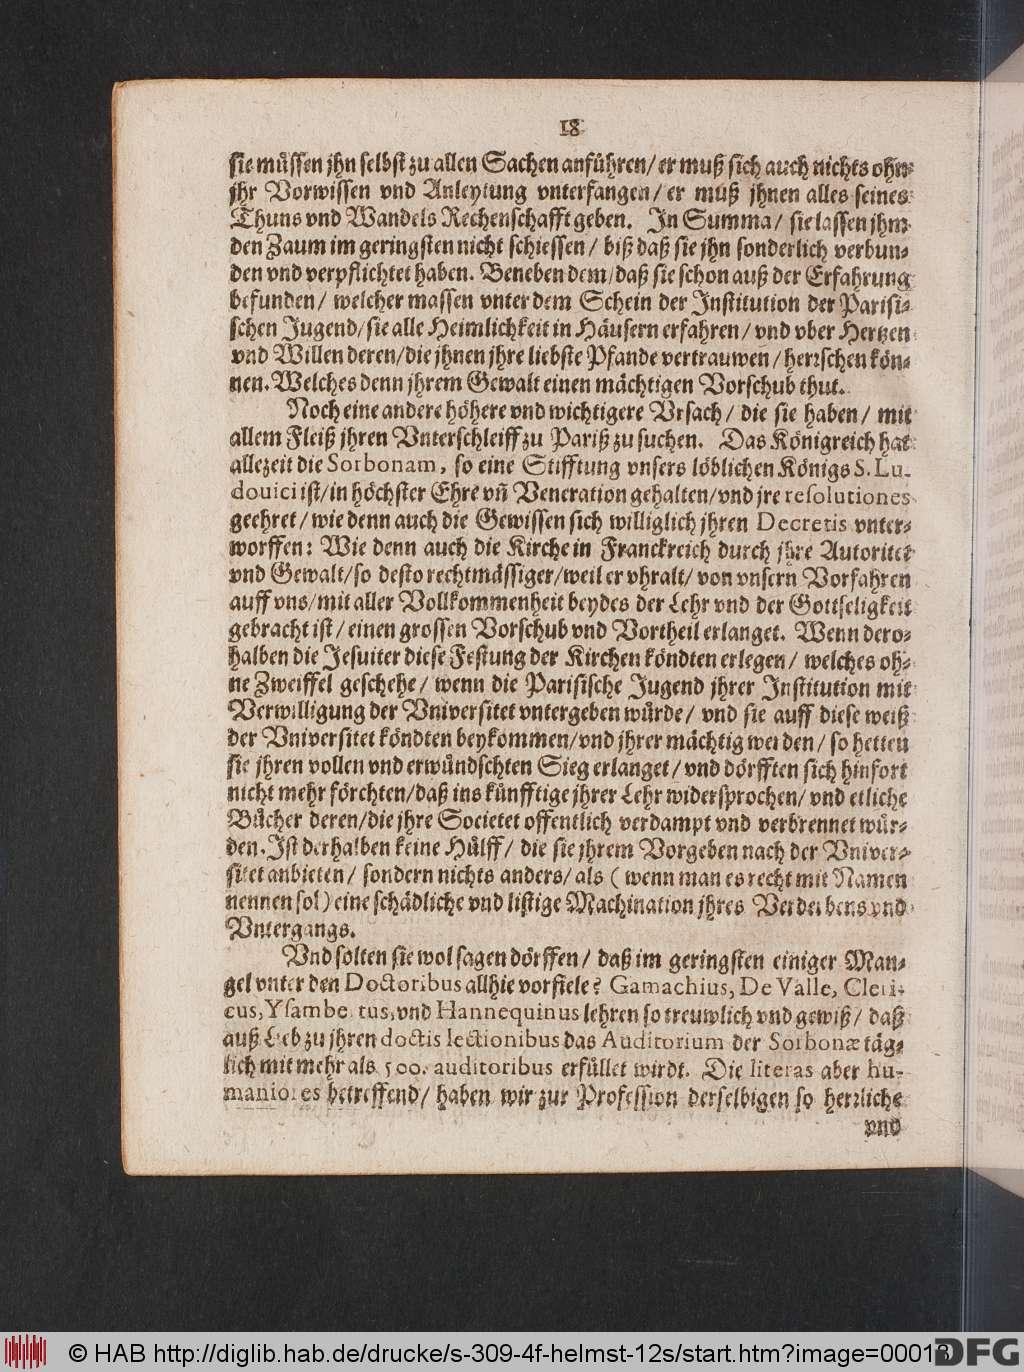 http://diglib.hab.de/drucke/s-309-4f-helmst-12s/00018.jpg